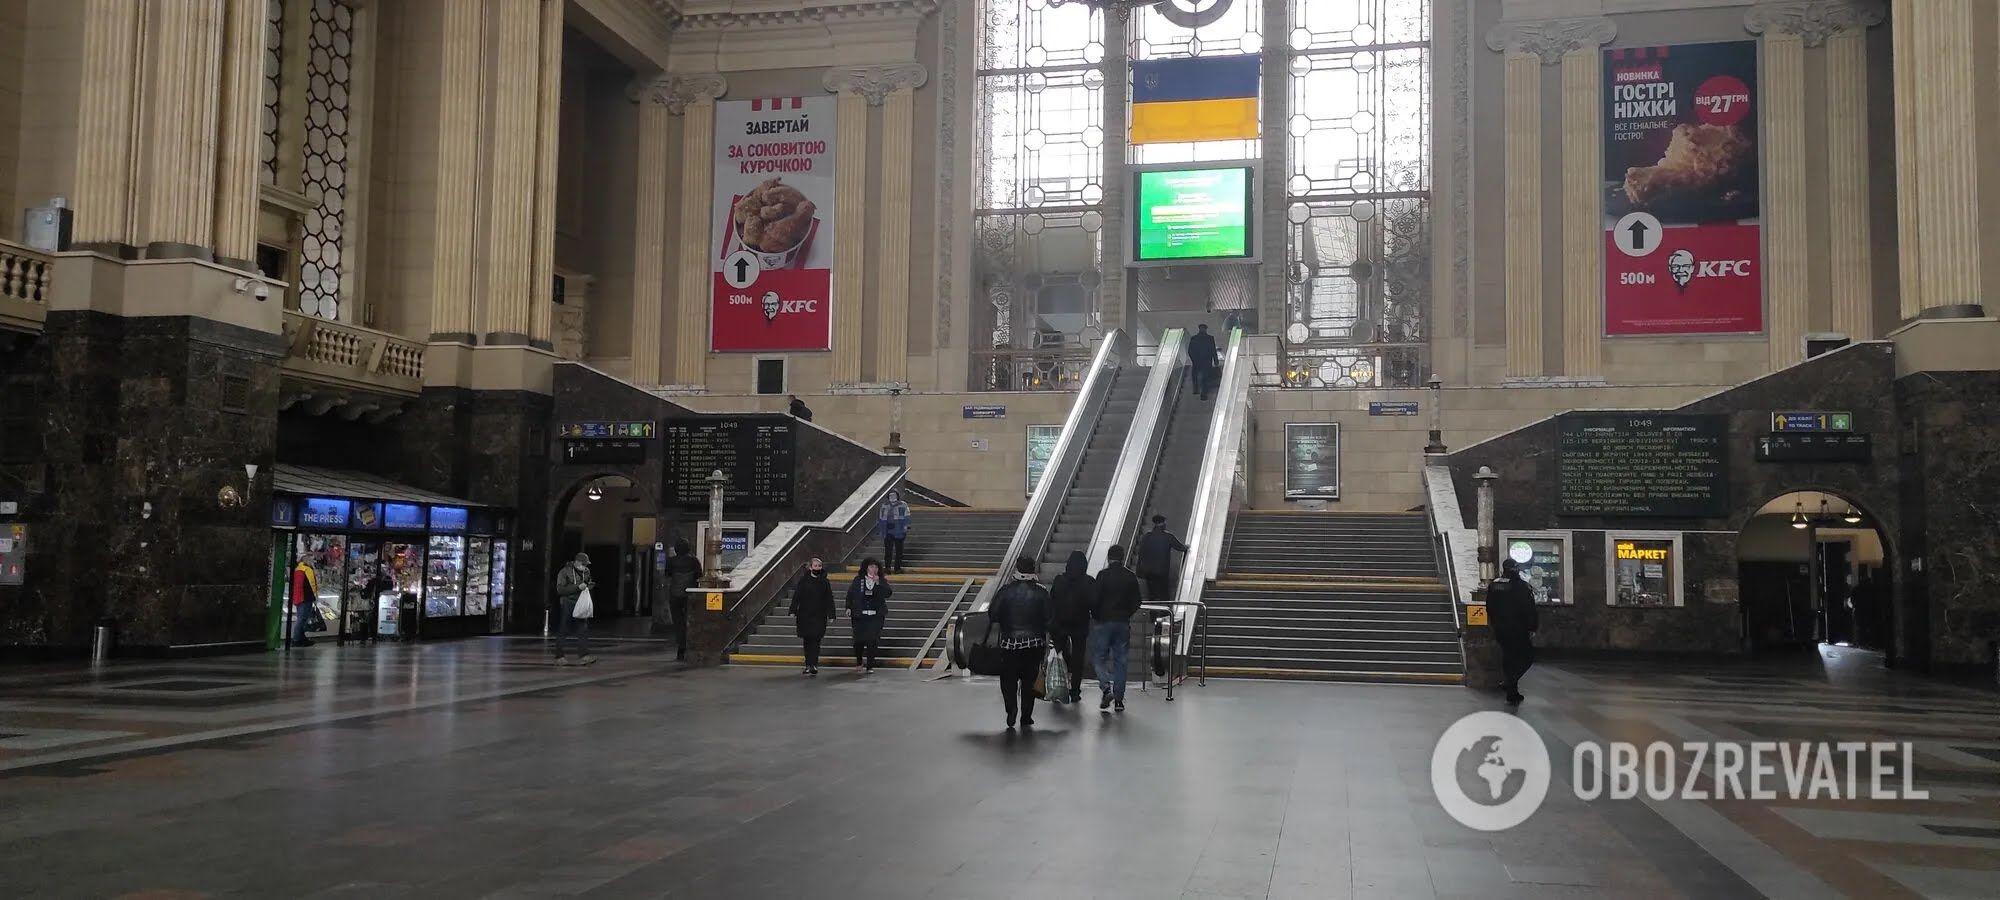 Людей на вокзалі мало.